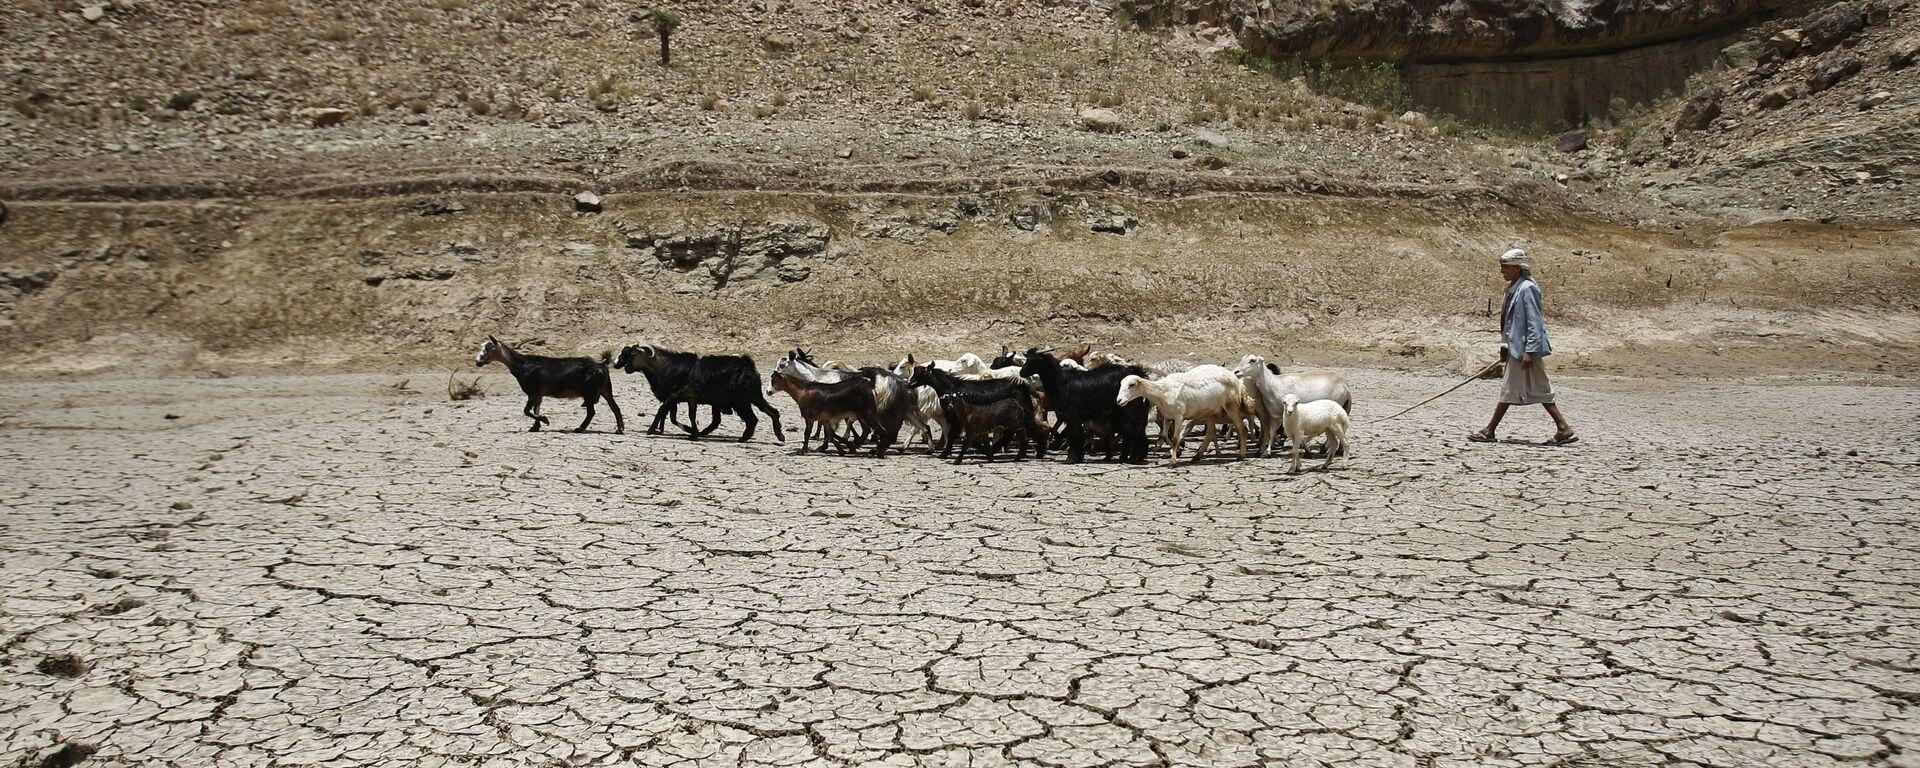 Пастух ведет стадо коз через плотину, пострадавшую от засухи, на окраине города Сана, Йемен - Sputnik Таджикистан, 1920, 15.07.2021